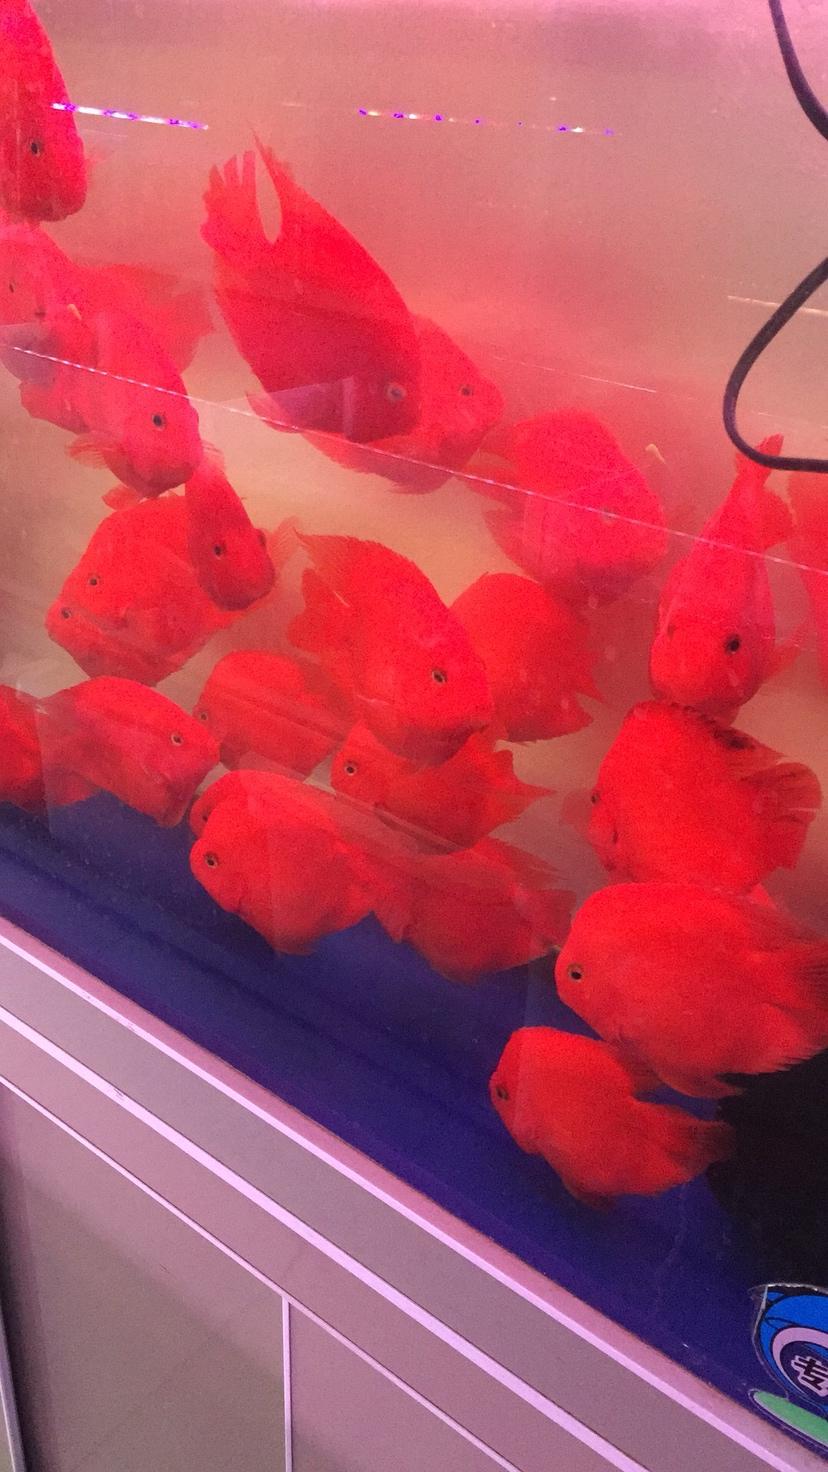 鱼儿漂亮吧 西安观赏鱼信息 西安博特第6张